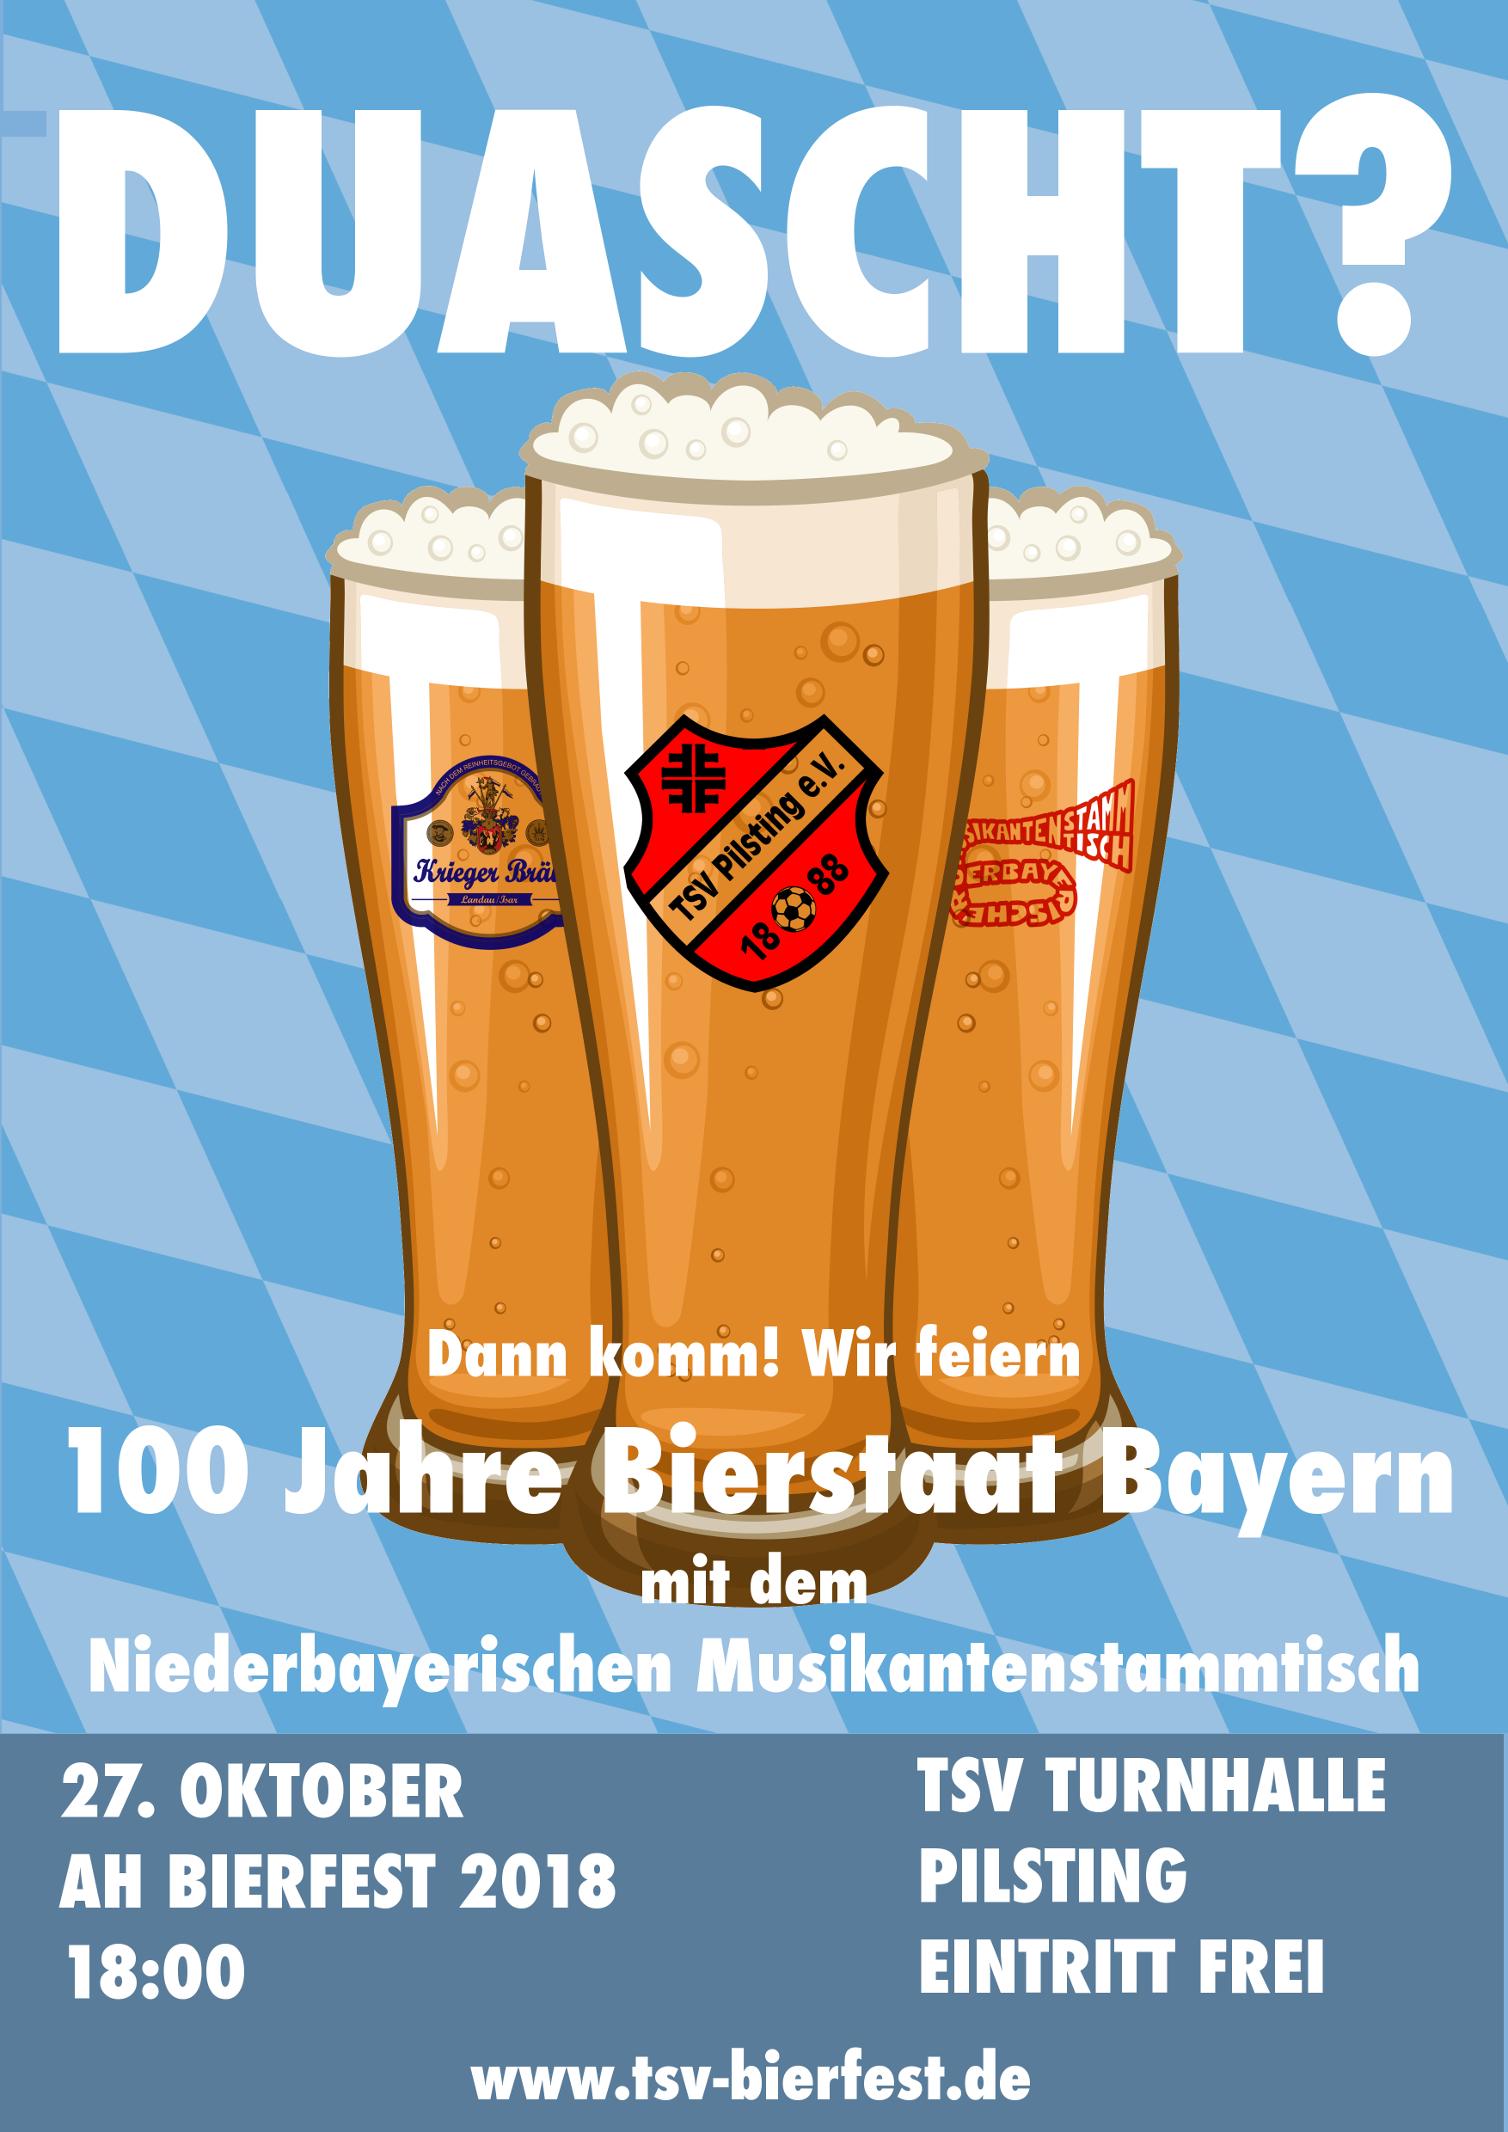 AH Bierfest 2018 mit dem Niederbayerischen Musikantenstammtisch